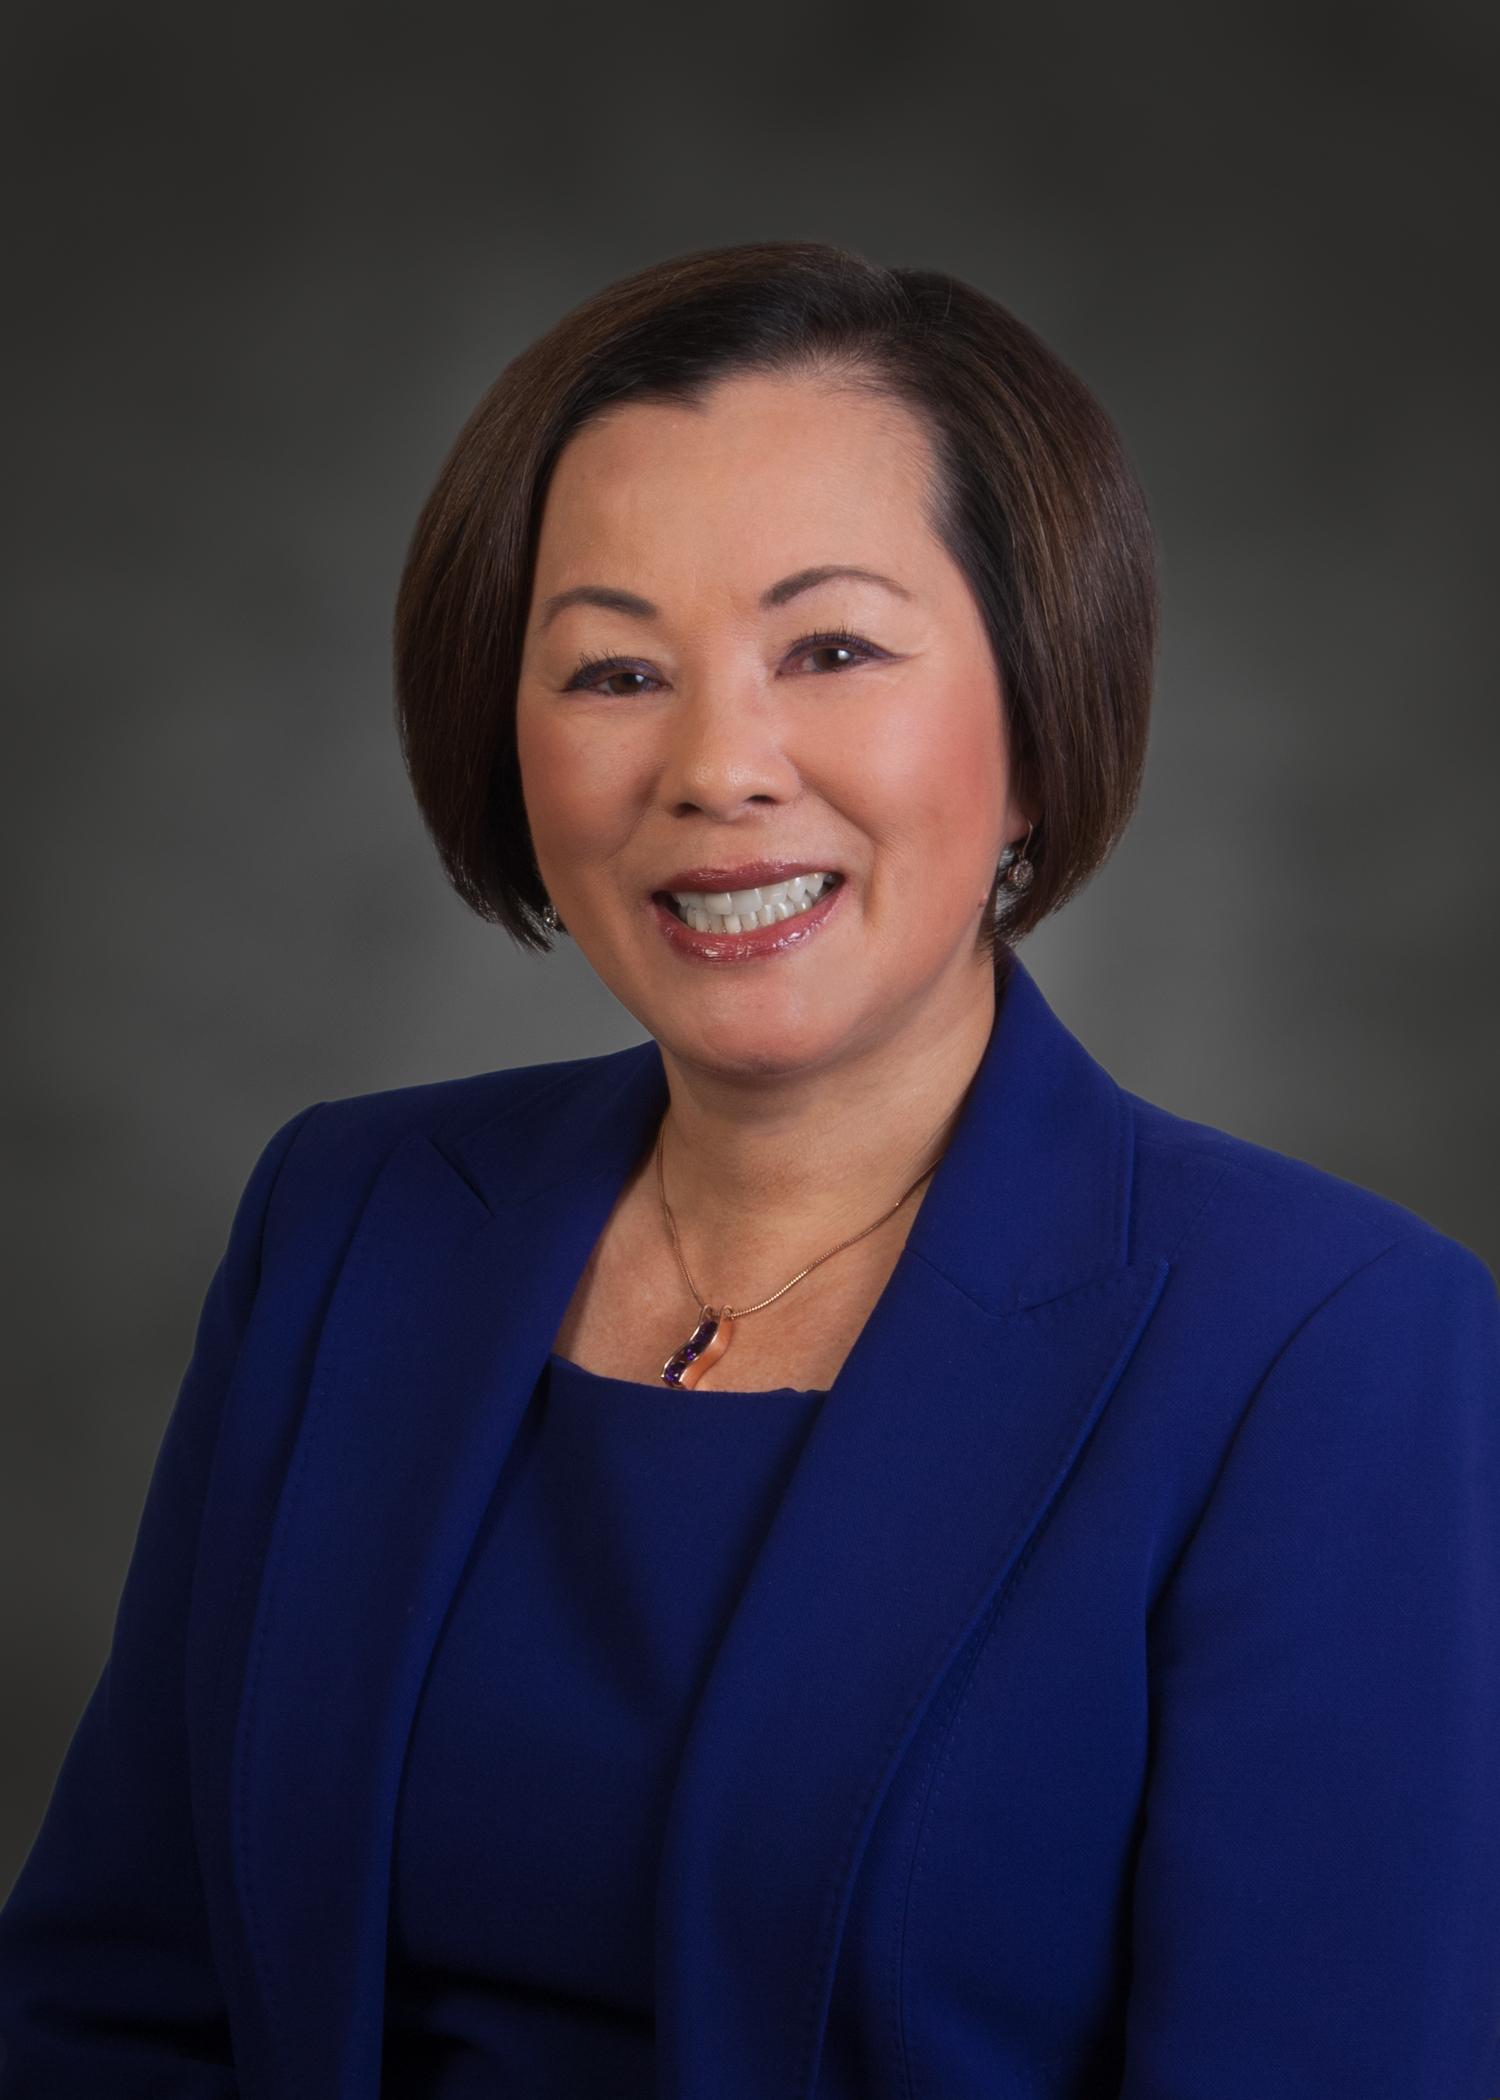 Mary Elias